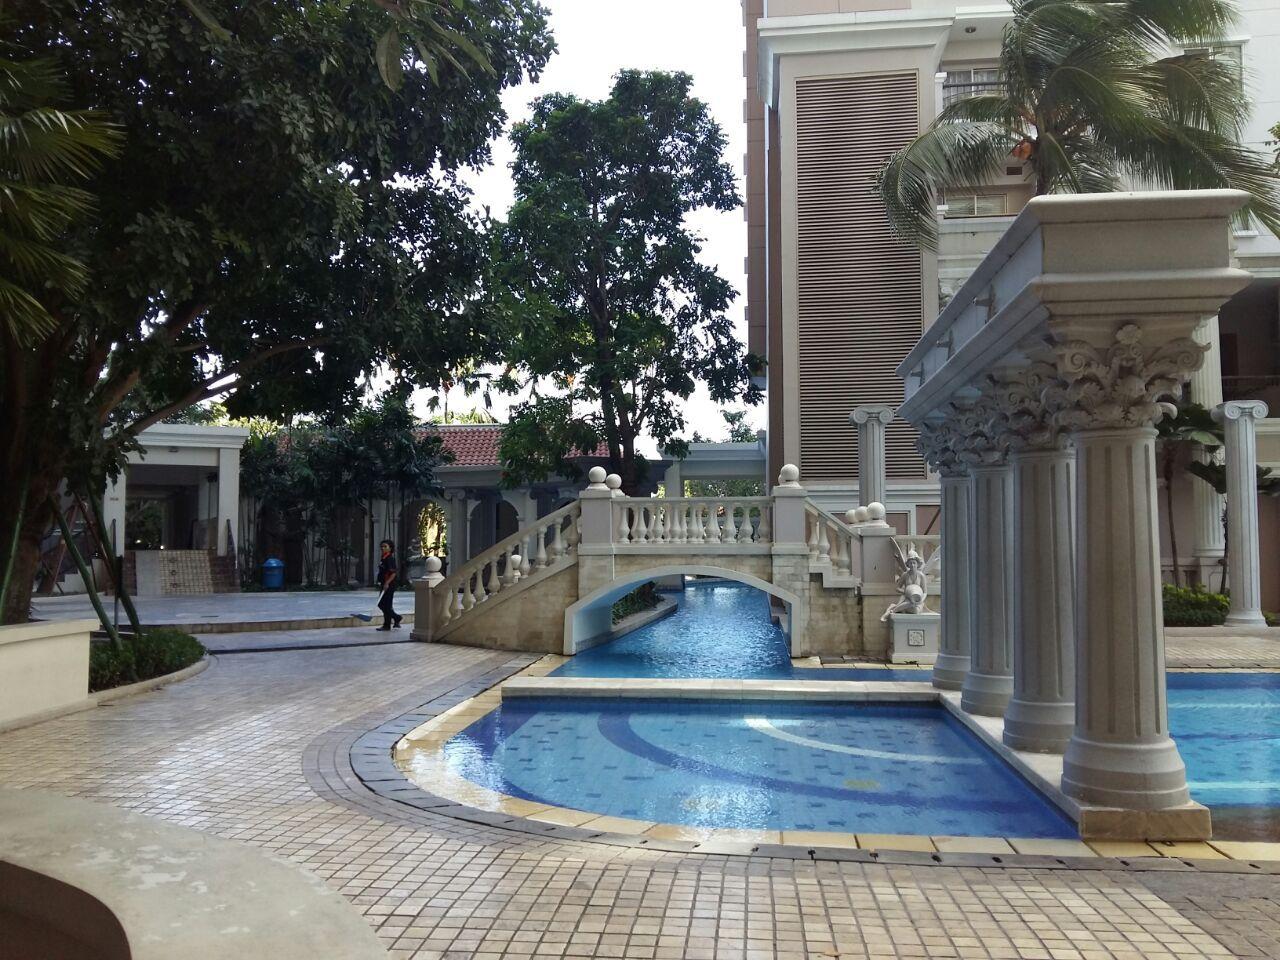 Apartement Waterplace Surabaya, Surabaya